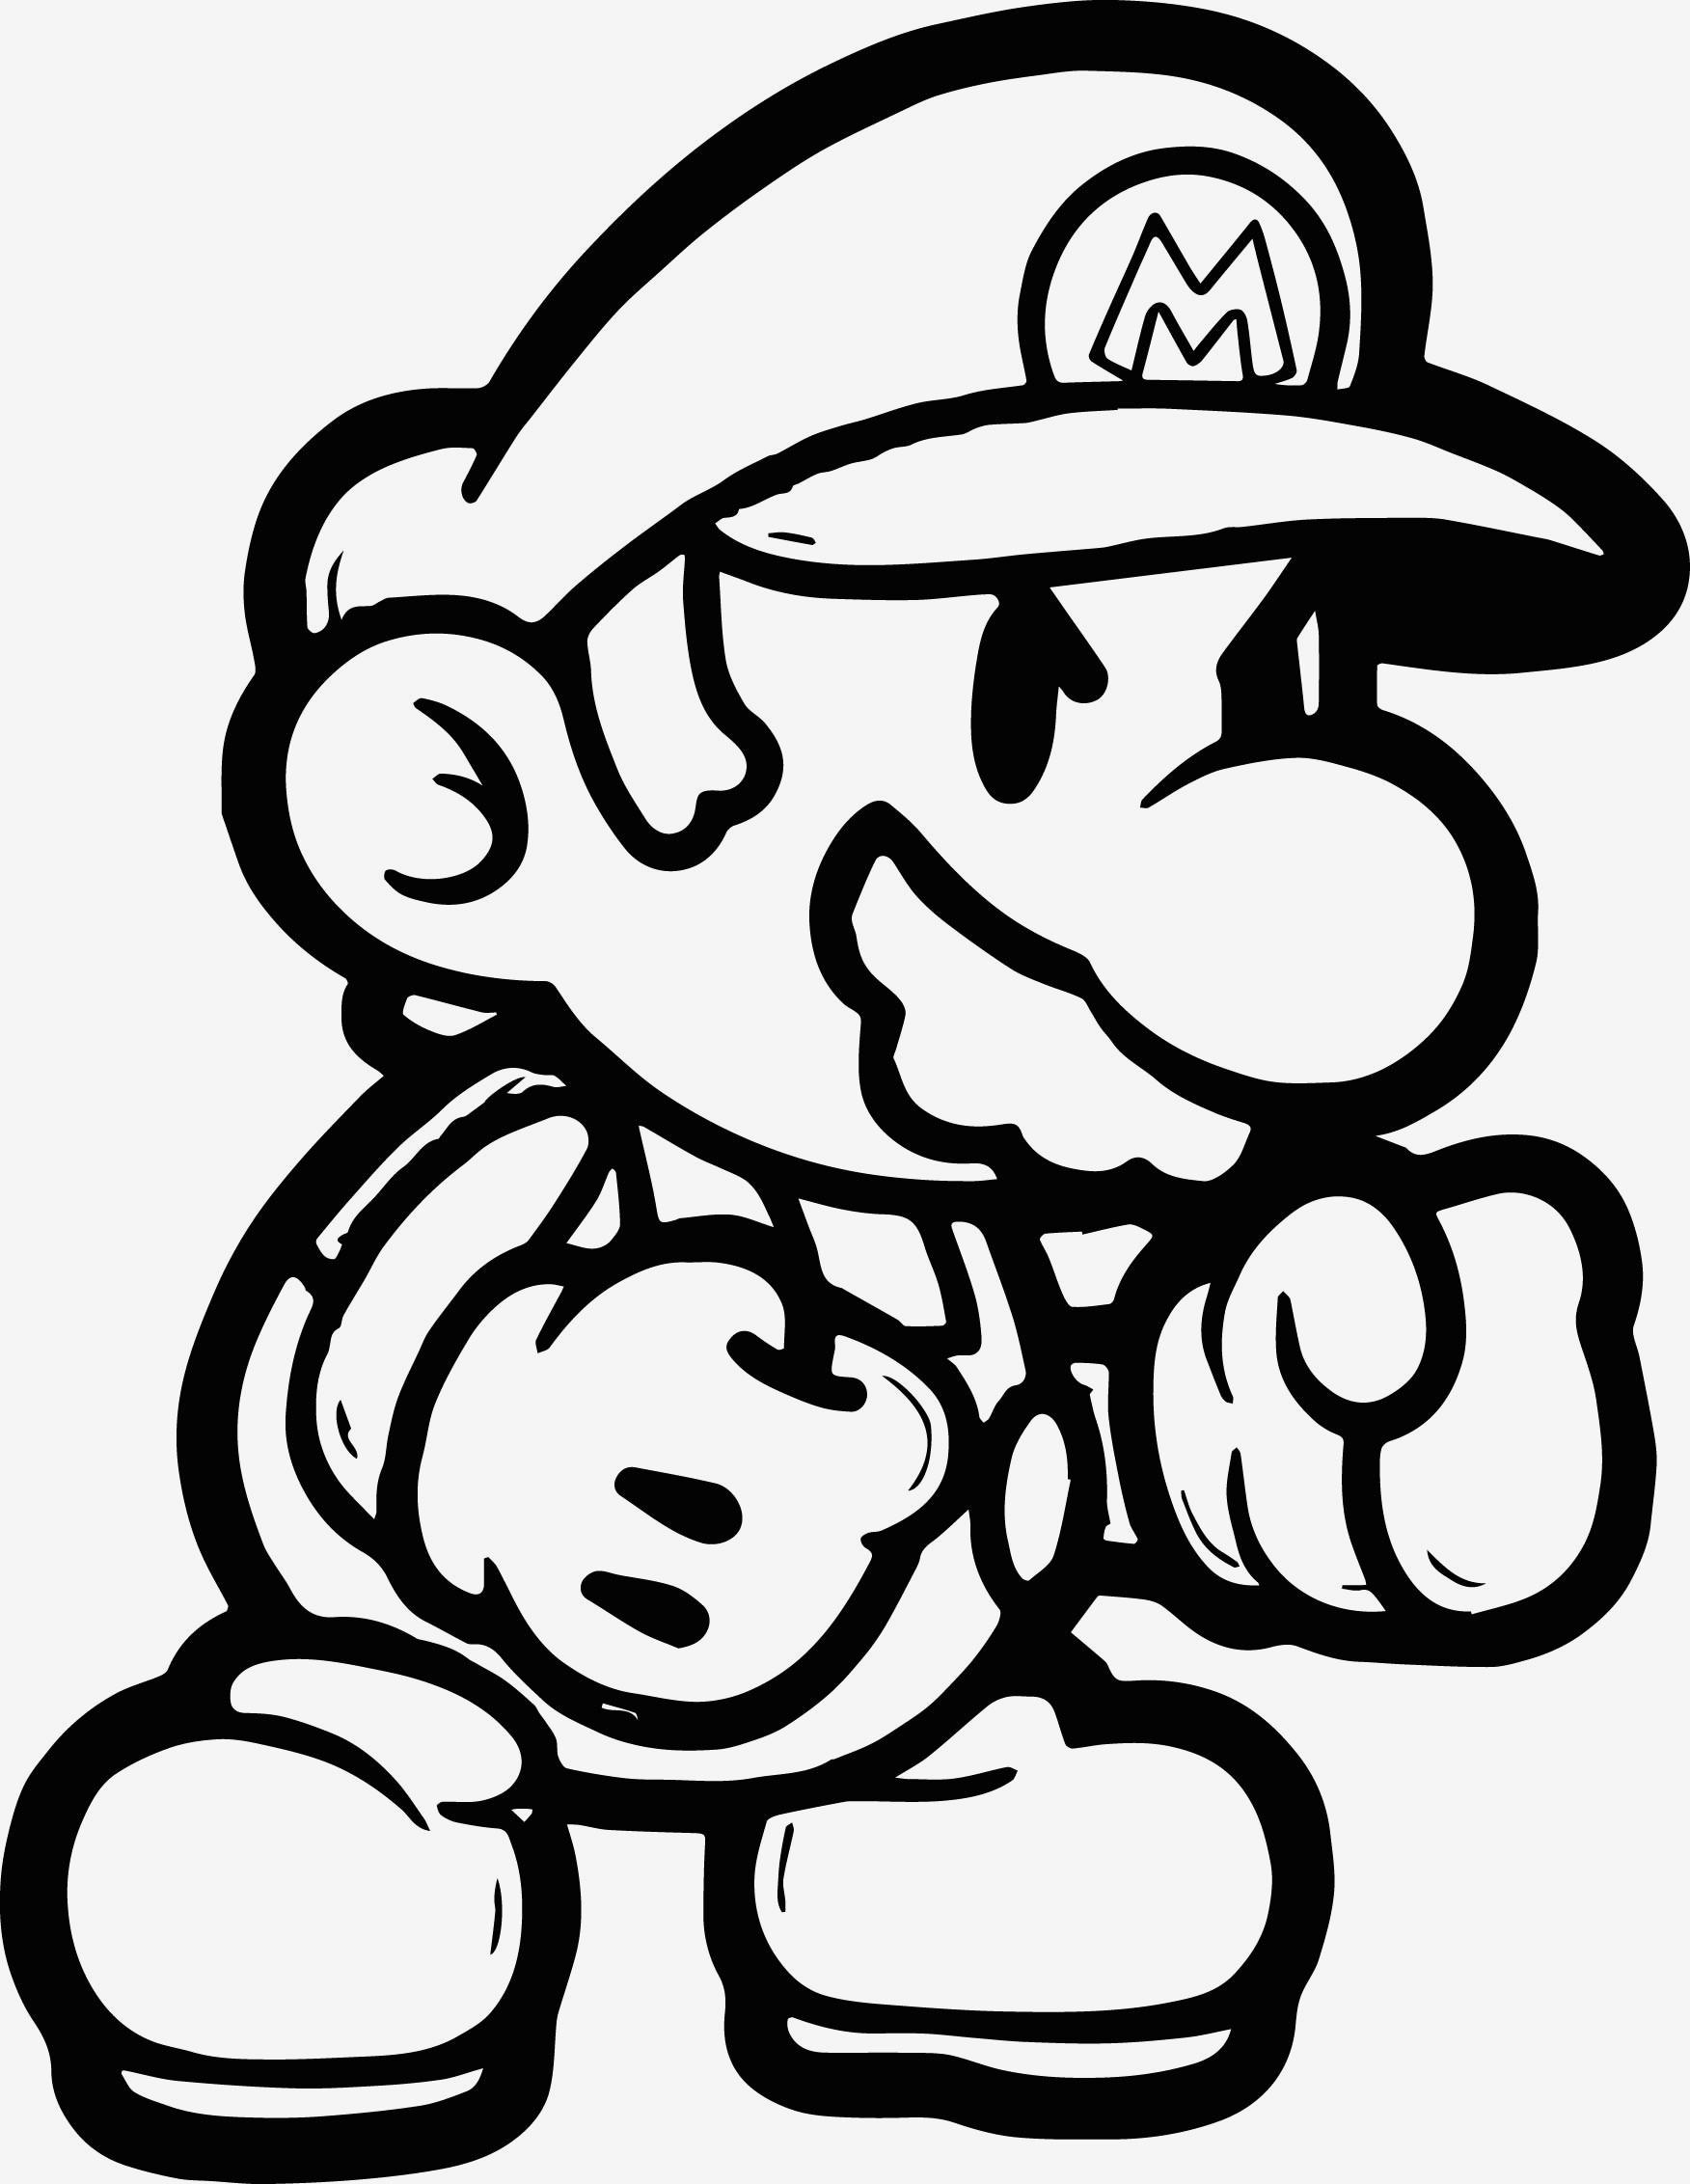 Super Mario Ausmalbilder Frisch Spannende Coloring Bilder Super Mario Malvorlagen Fotografieren